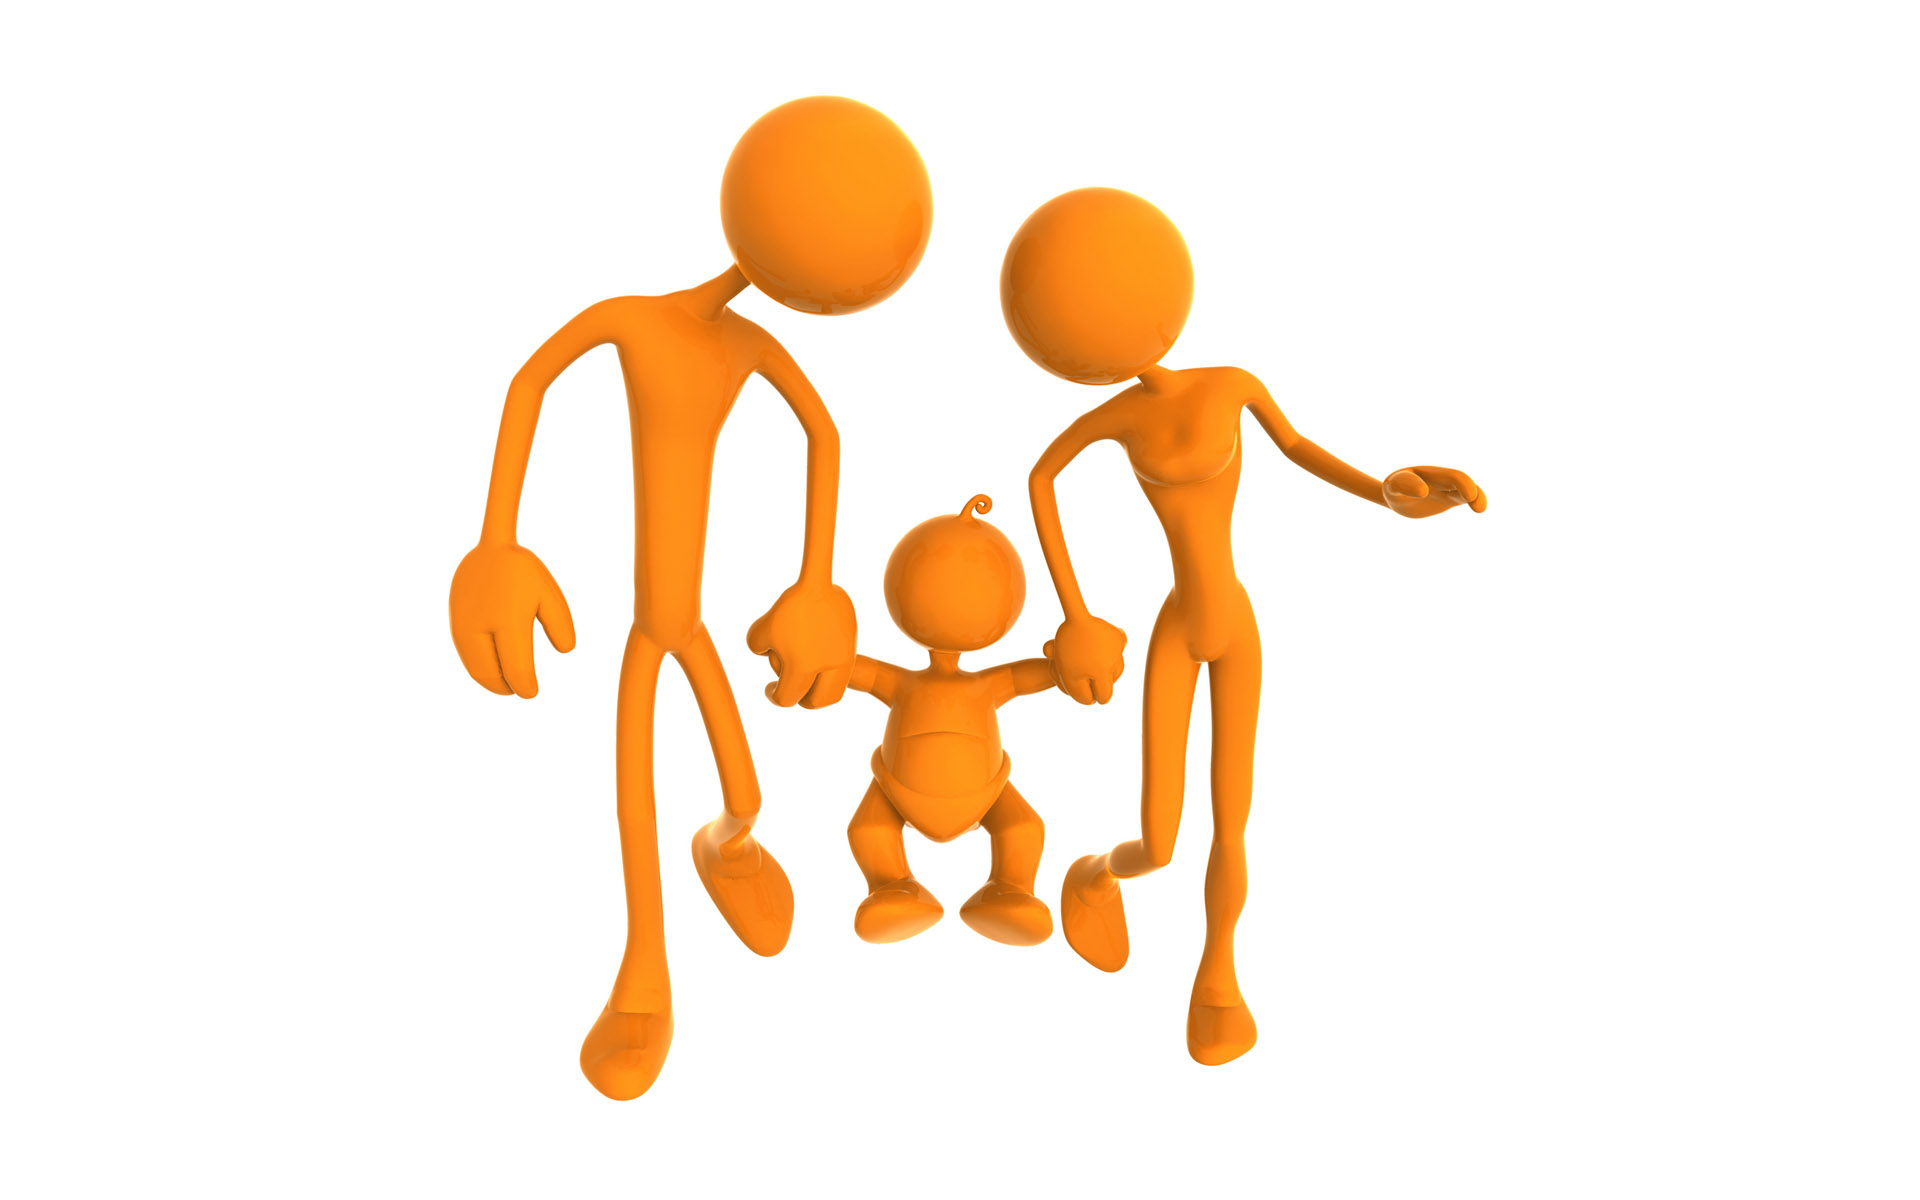 Wallpapers Oranje poppetjes 3d